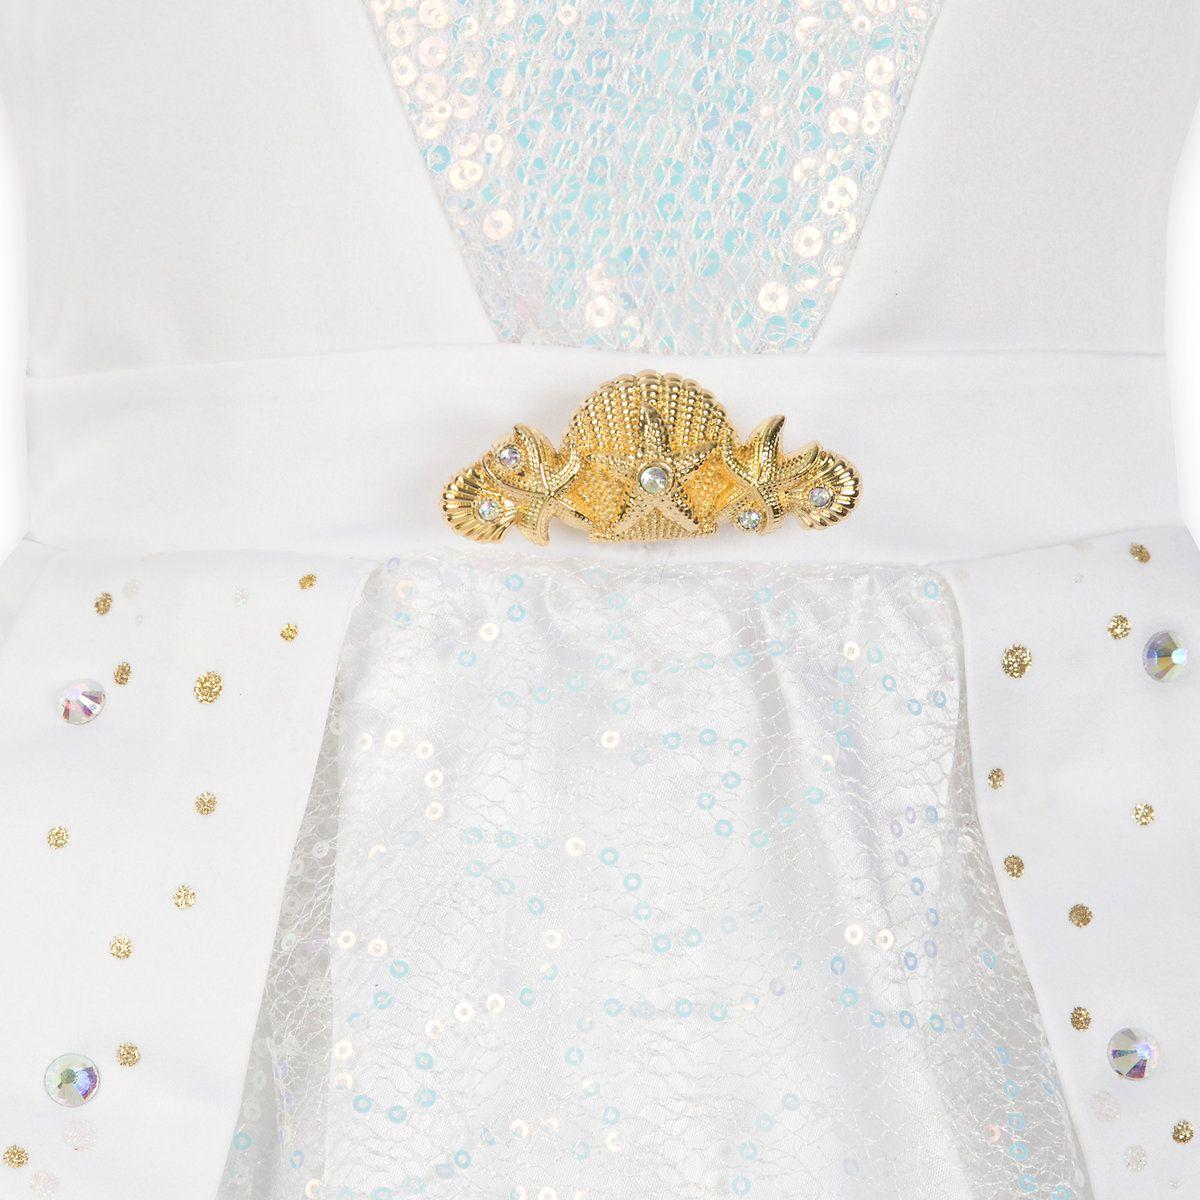 Ariel designer wedding gown costume for kids disney gown